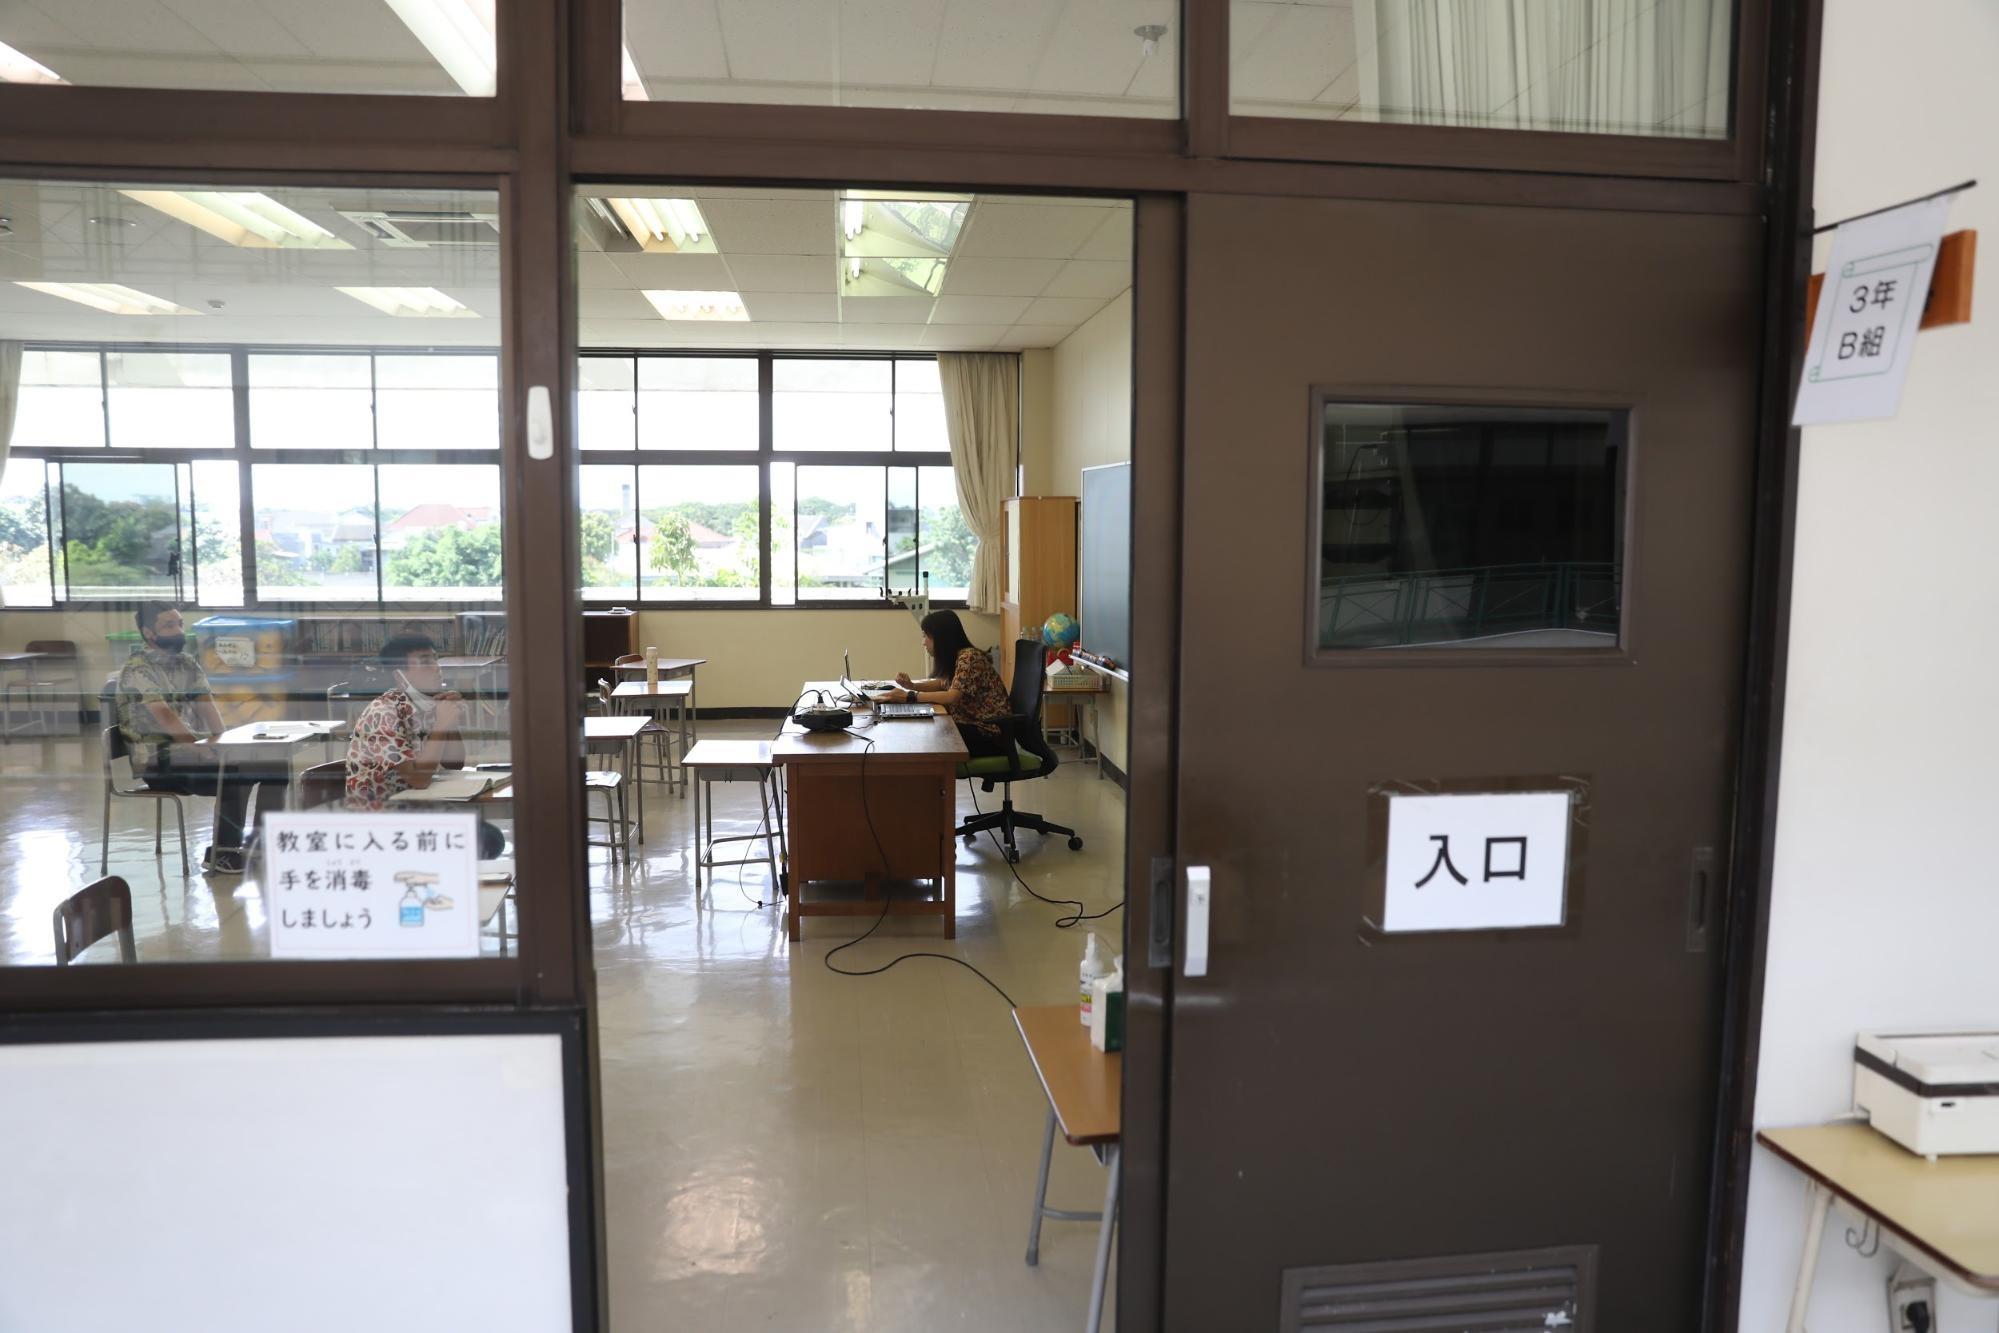 児童が登校できず、オンライン授業で年度末を迎えたジャカルタ日本人学校の教室。朝日新聞ジャカルタ支局の野上英文記者が2021年3月、南タンゲラン市で撮影。